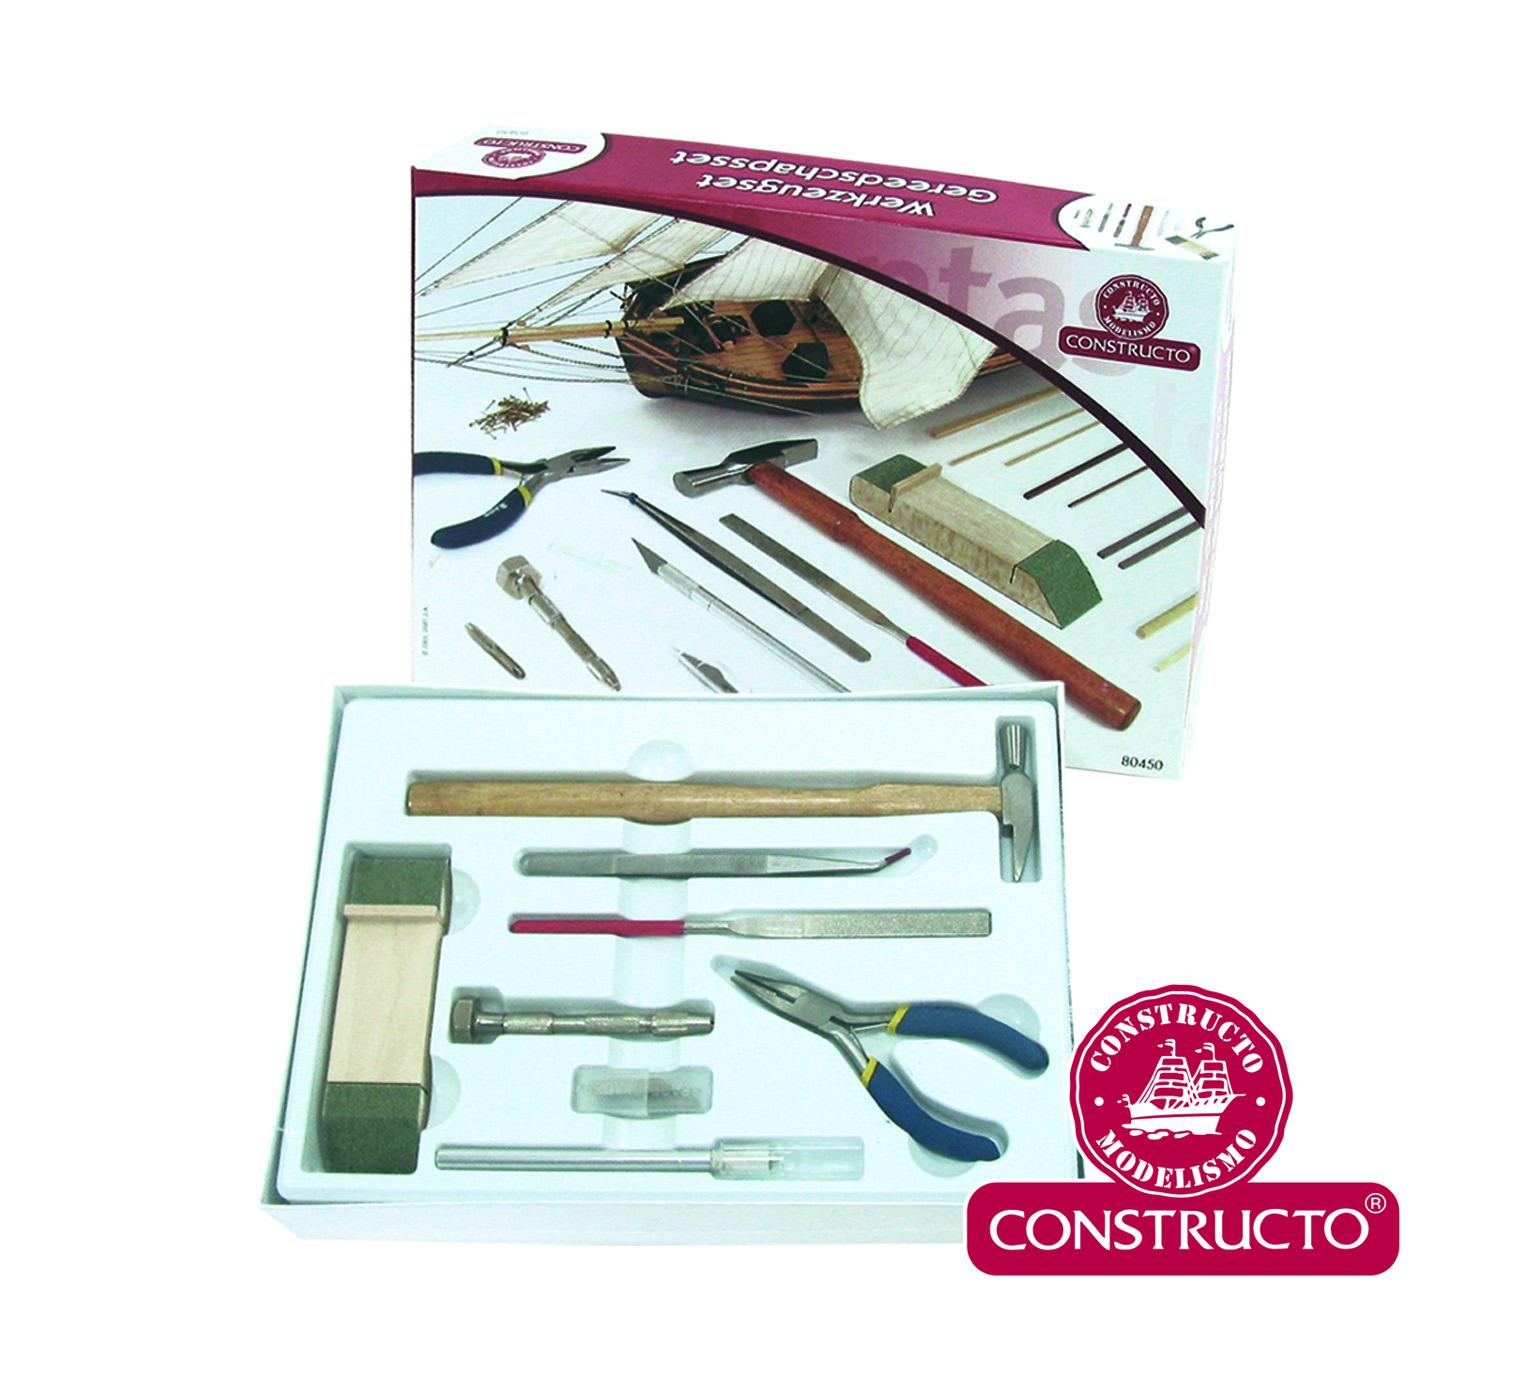 CONSTRUCTO Grundwerkzeug-Set